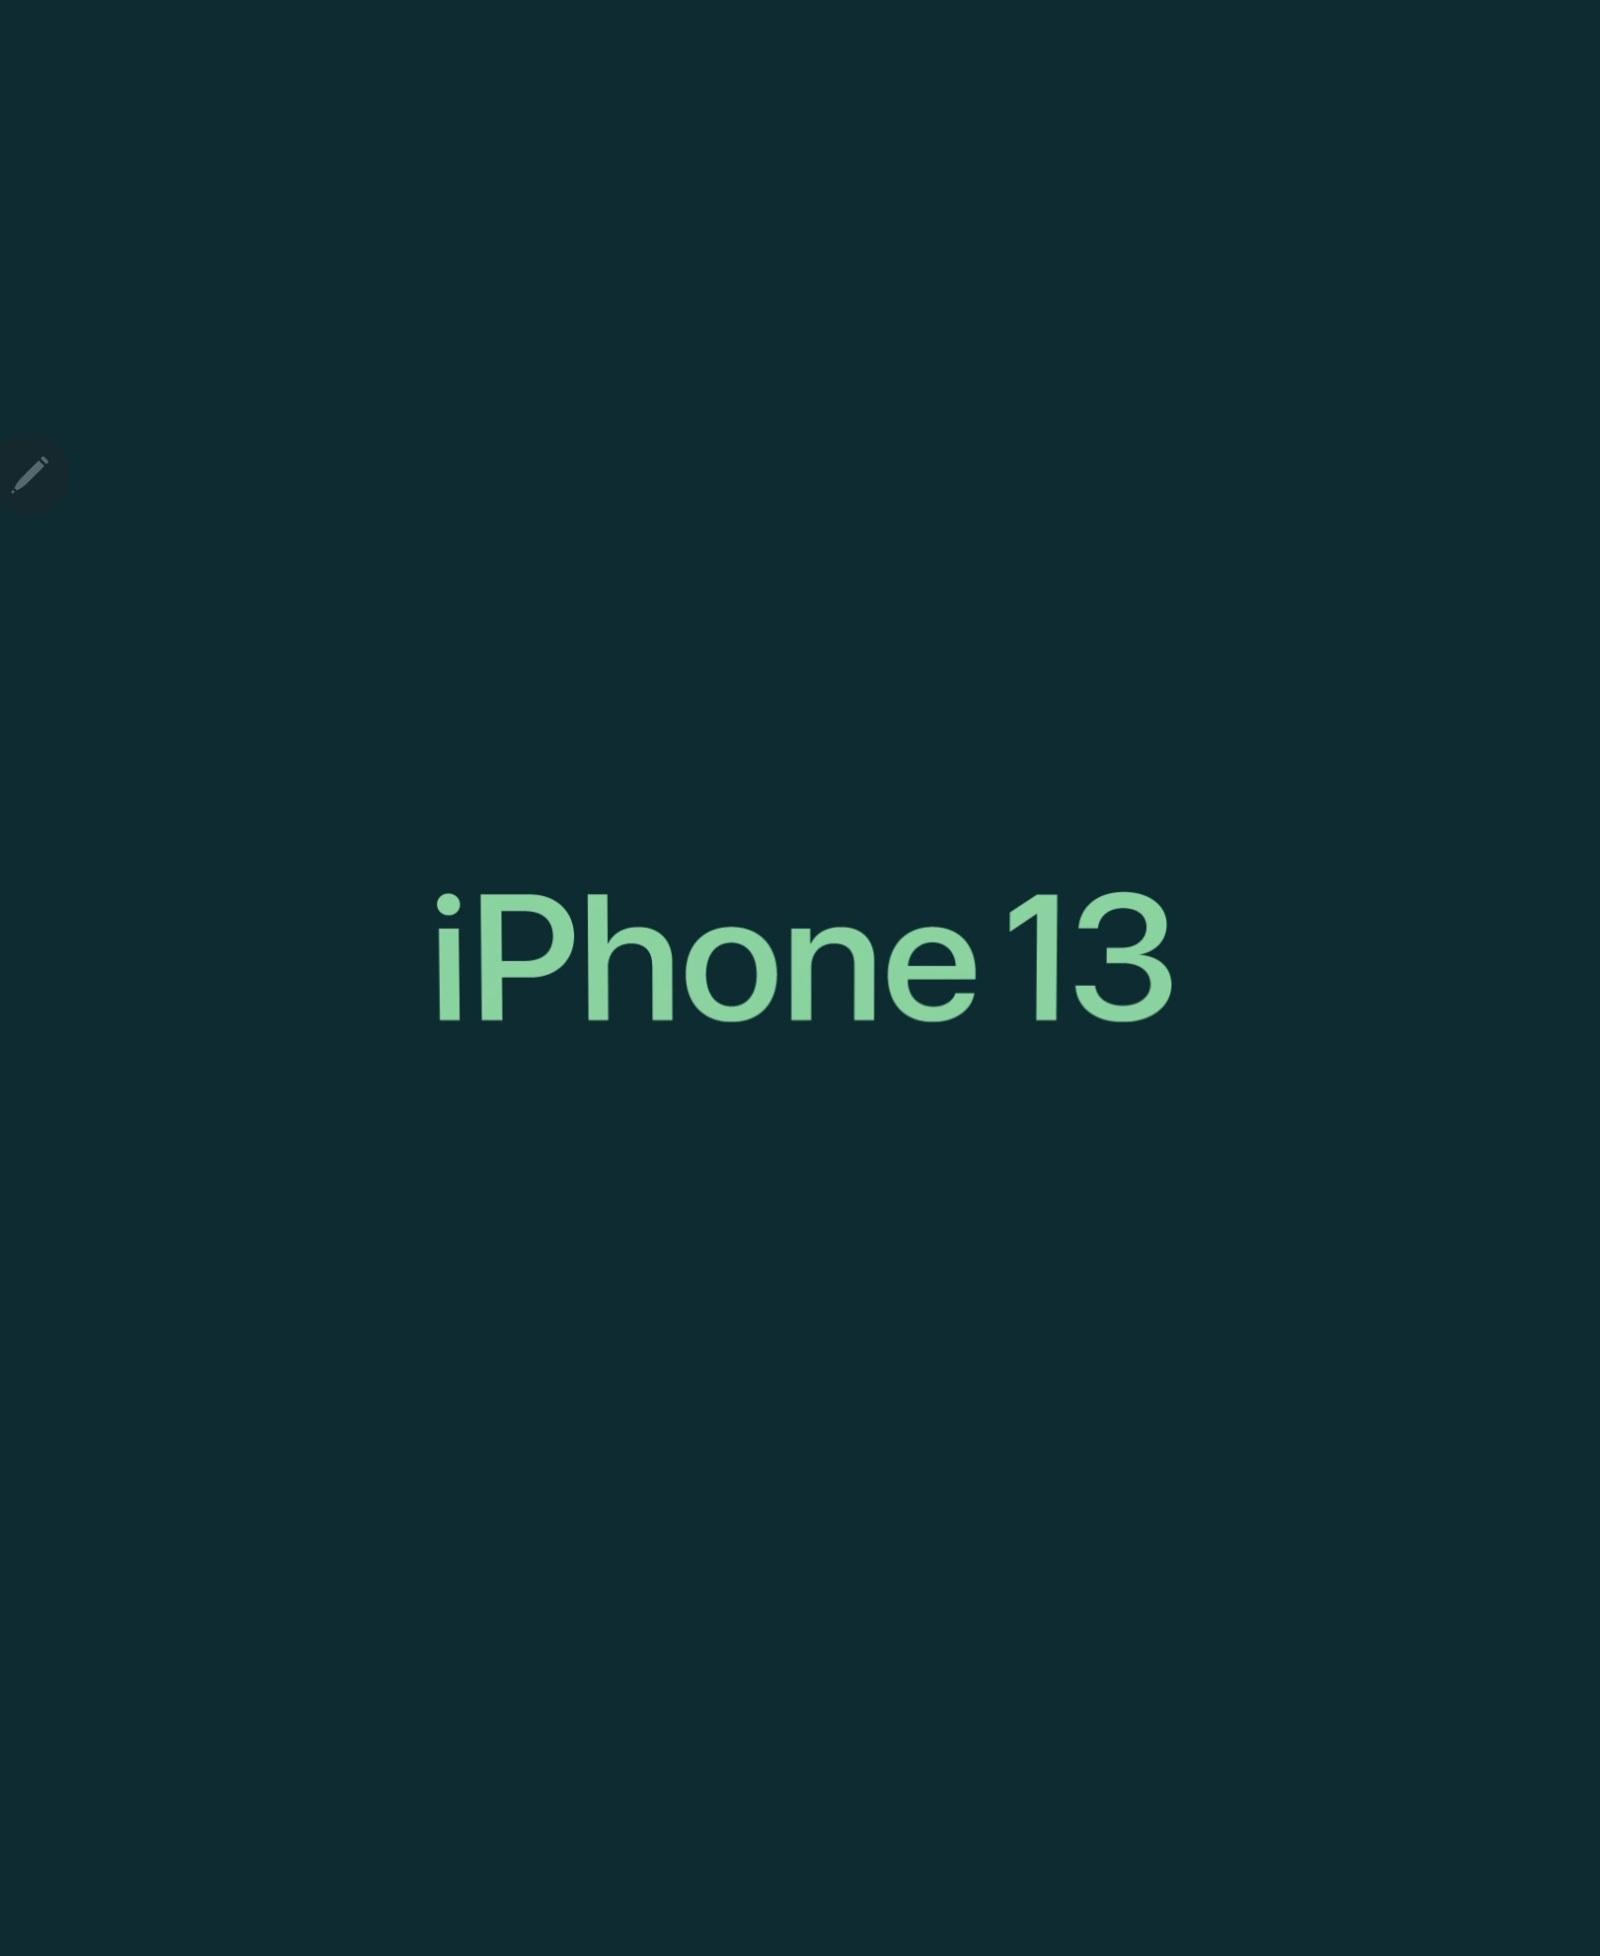 ค่ายมือถือและเว็บดัง เตรียมวางจำหน่าย iPhone 13 Pro, iPhone 13 Pro Max, iPhone 13 และ iPhone 13 mini ใหม่ เปิดให้สั่งซื้อล่วงหน้าแล้วเริ่ม 1 ตค. นี้